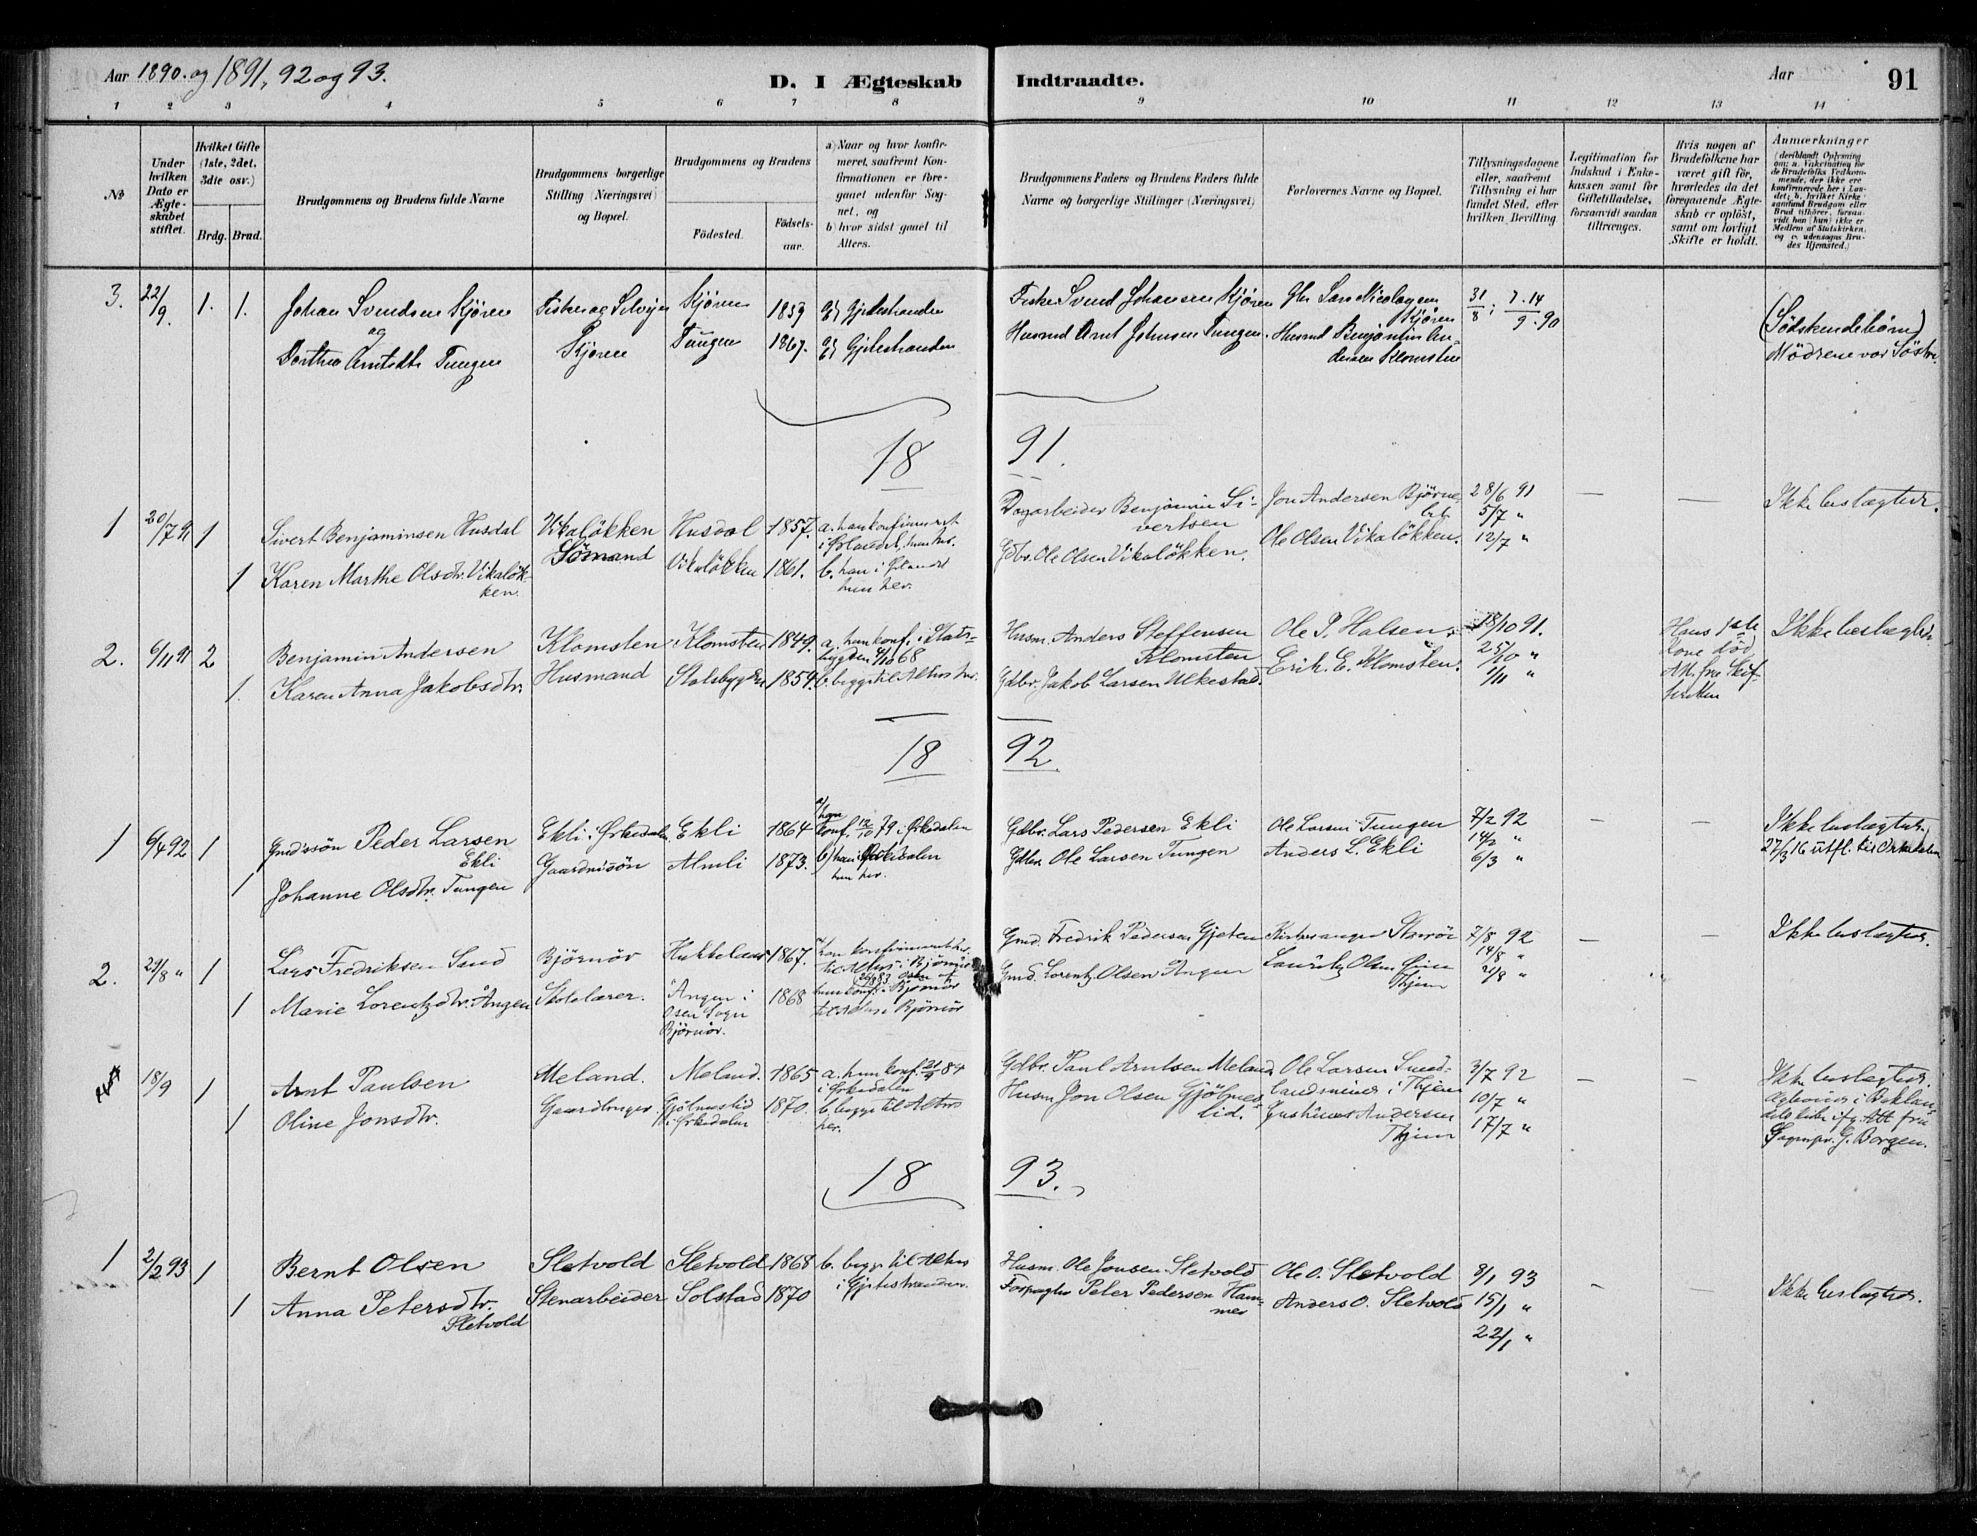 SAT, Ministerialprotokoller, klokkerbøker og fødselsregistre - Sør-Trøndelag, 670/L0836: Ministerialbok nr. 670A01, 1879-1904, s. 91